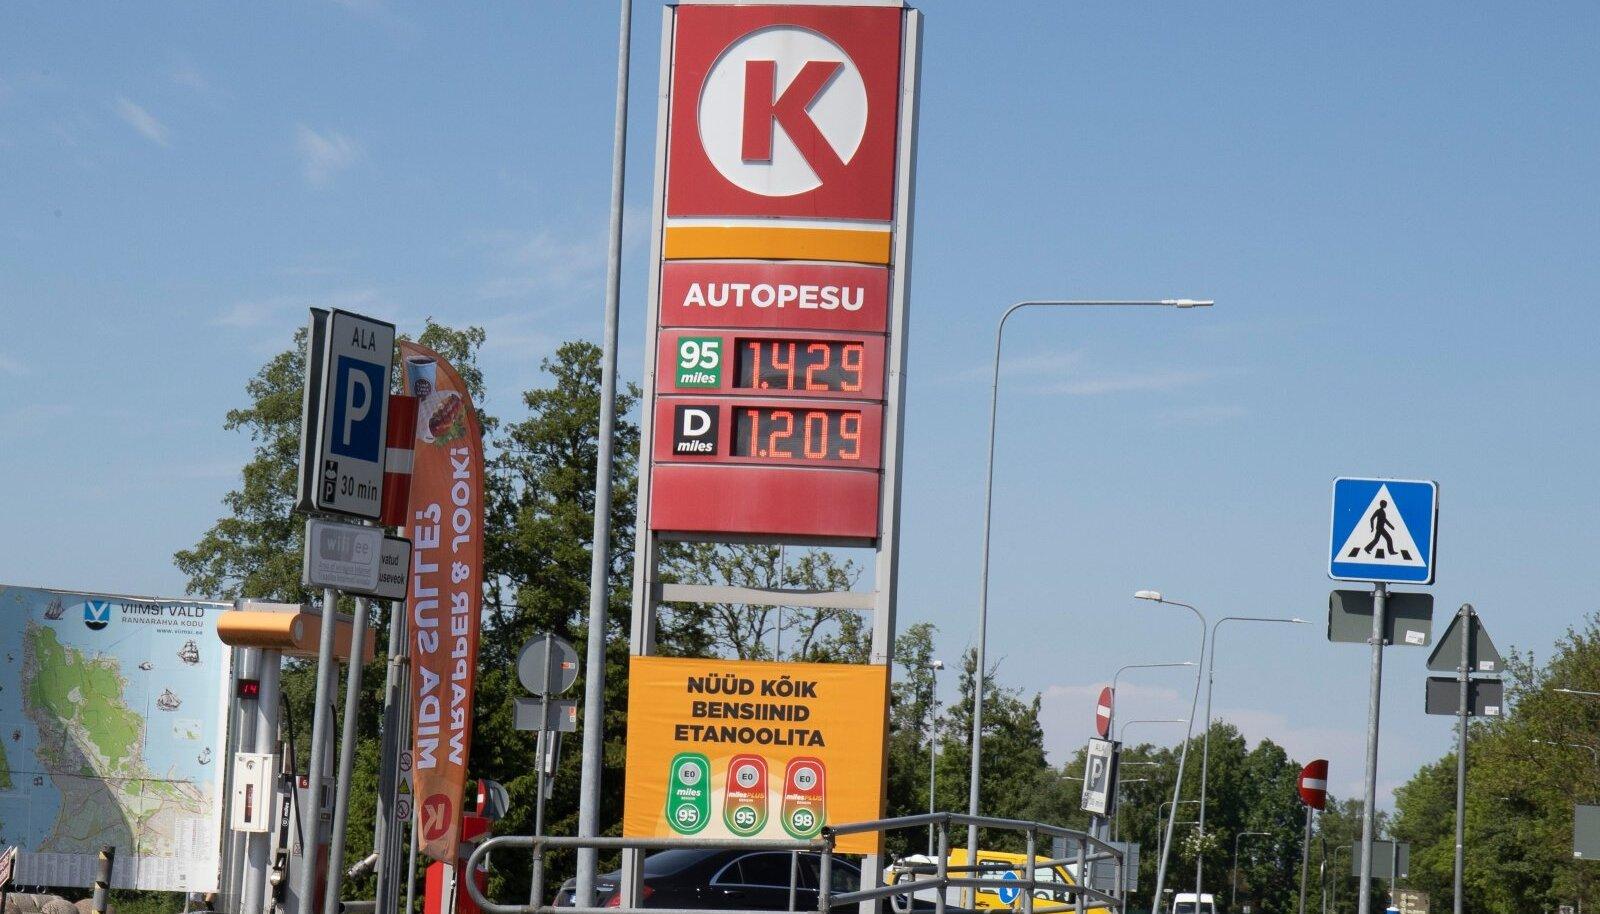 Kütuse hinnad 10.06.2021